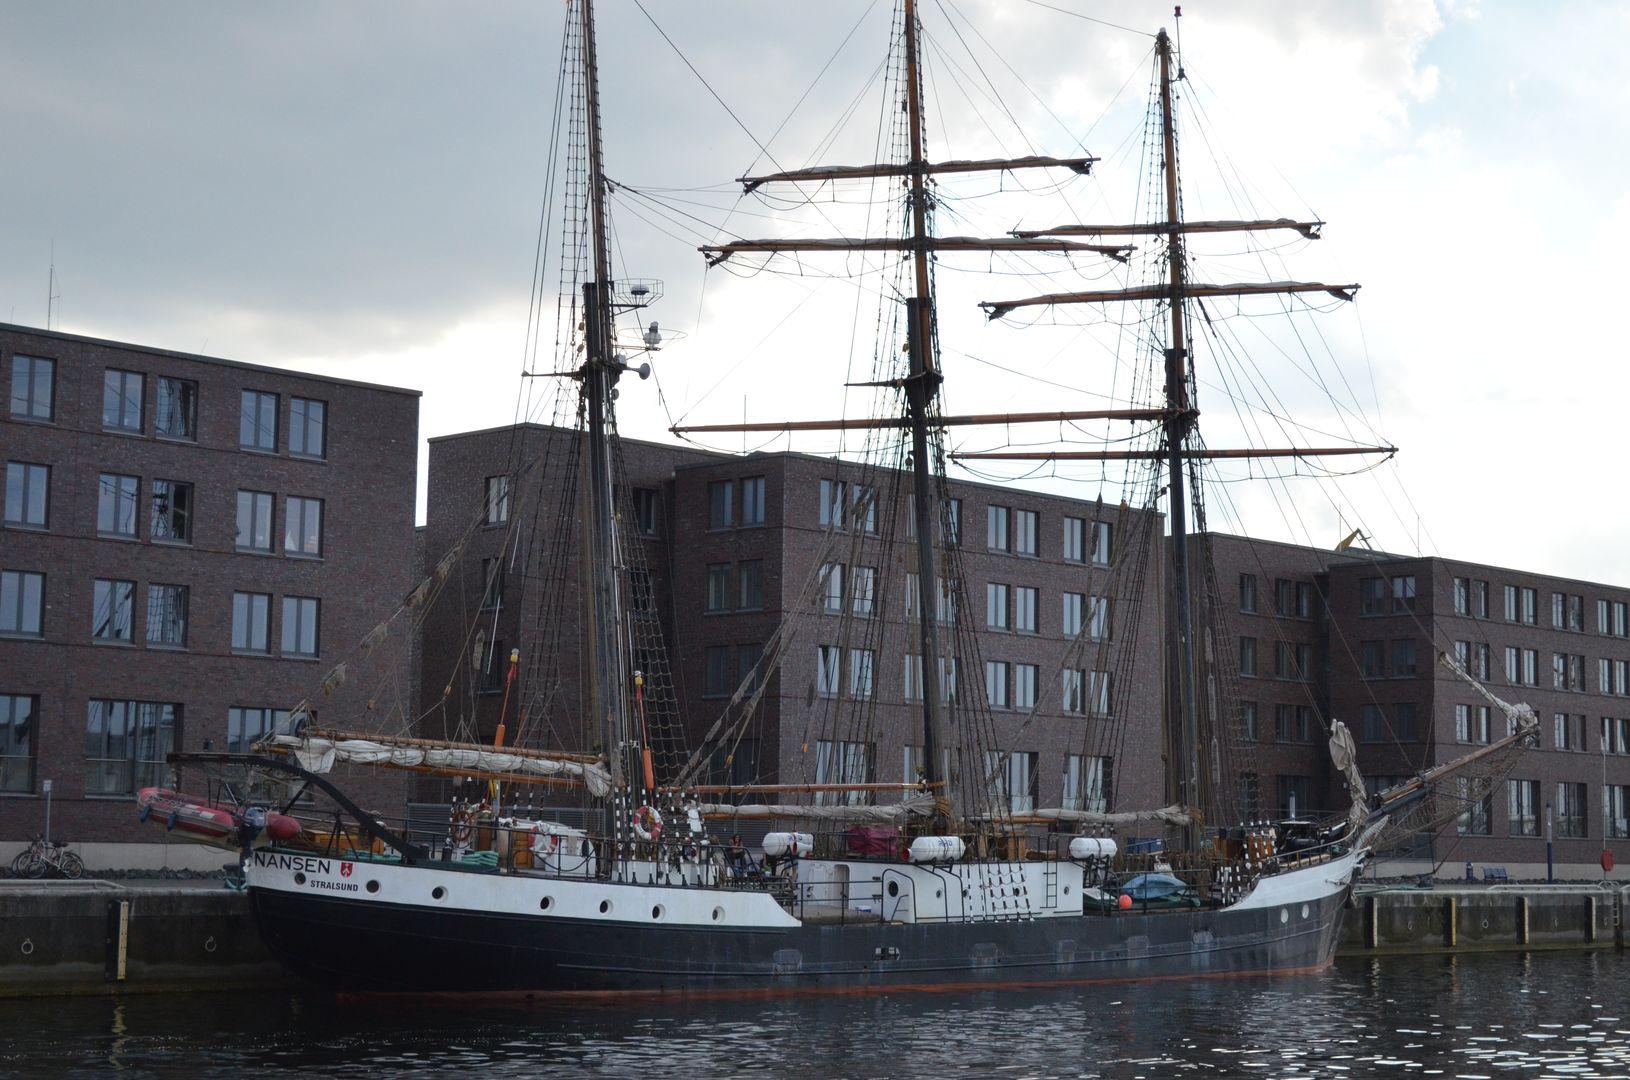 Segelschiff-Nansen